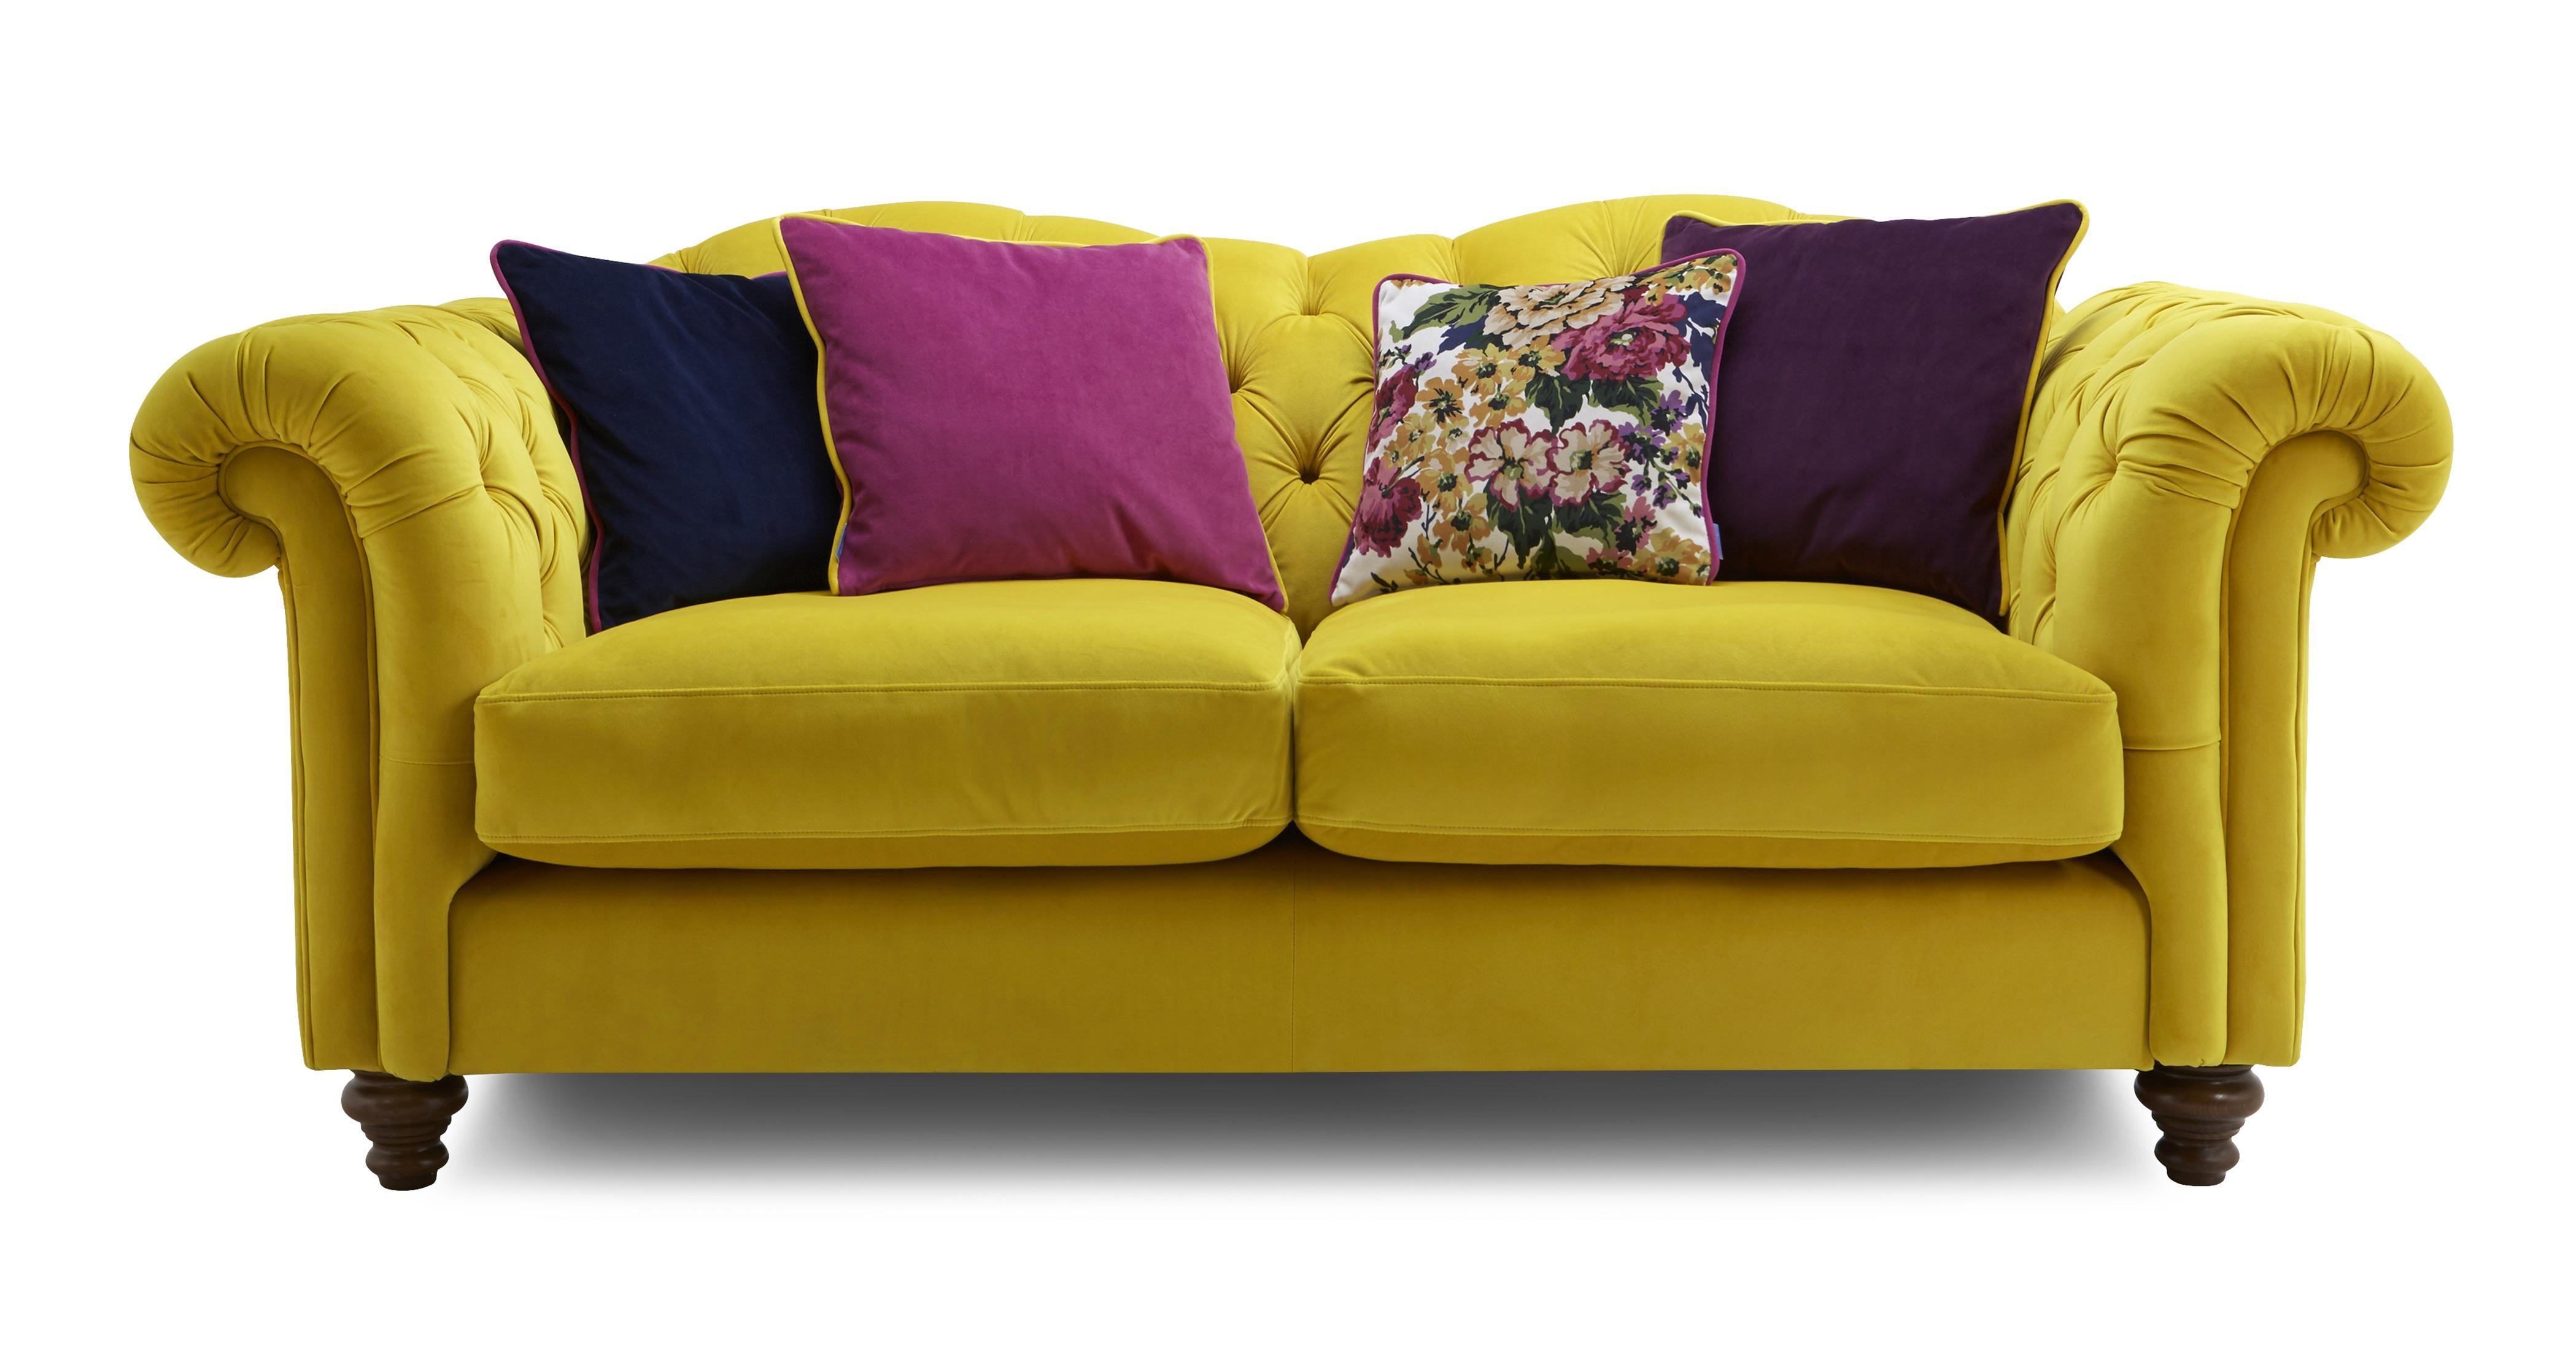 Windsor Velvet 3 Seater Sofa Windsor Velvet DFS in 2020